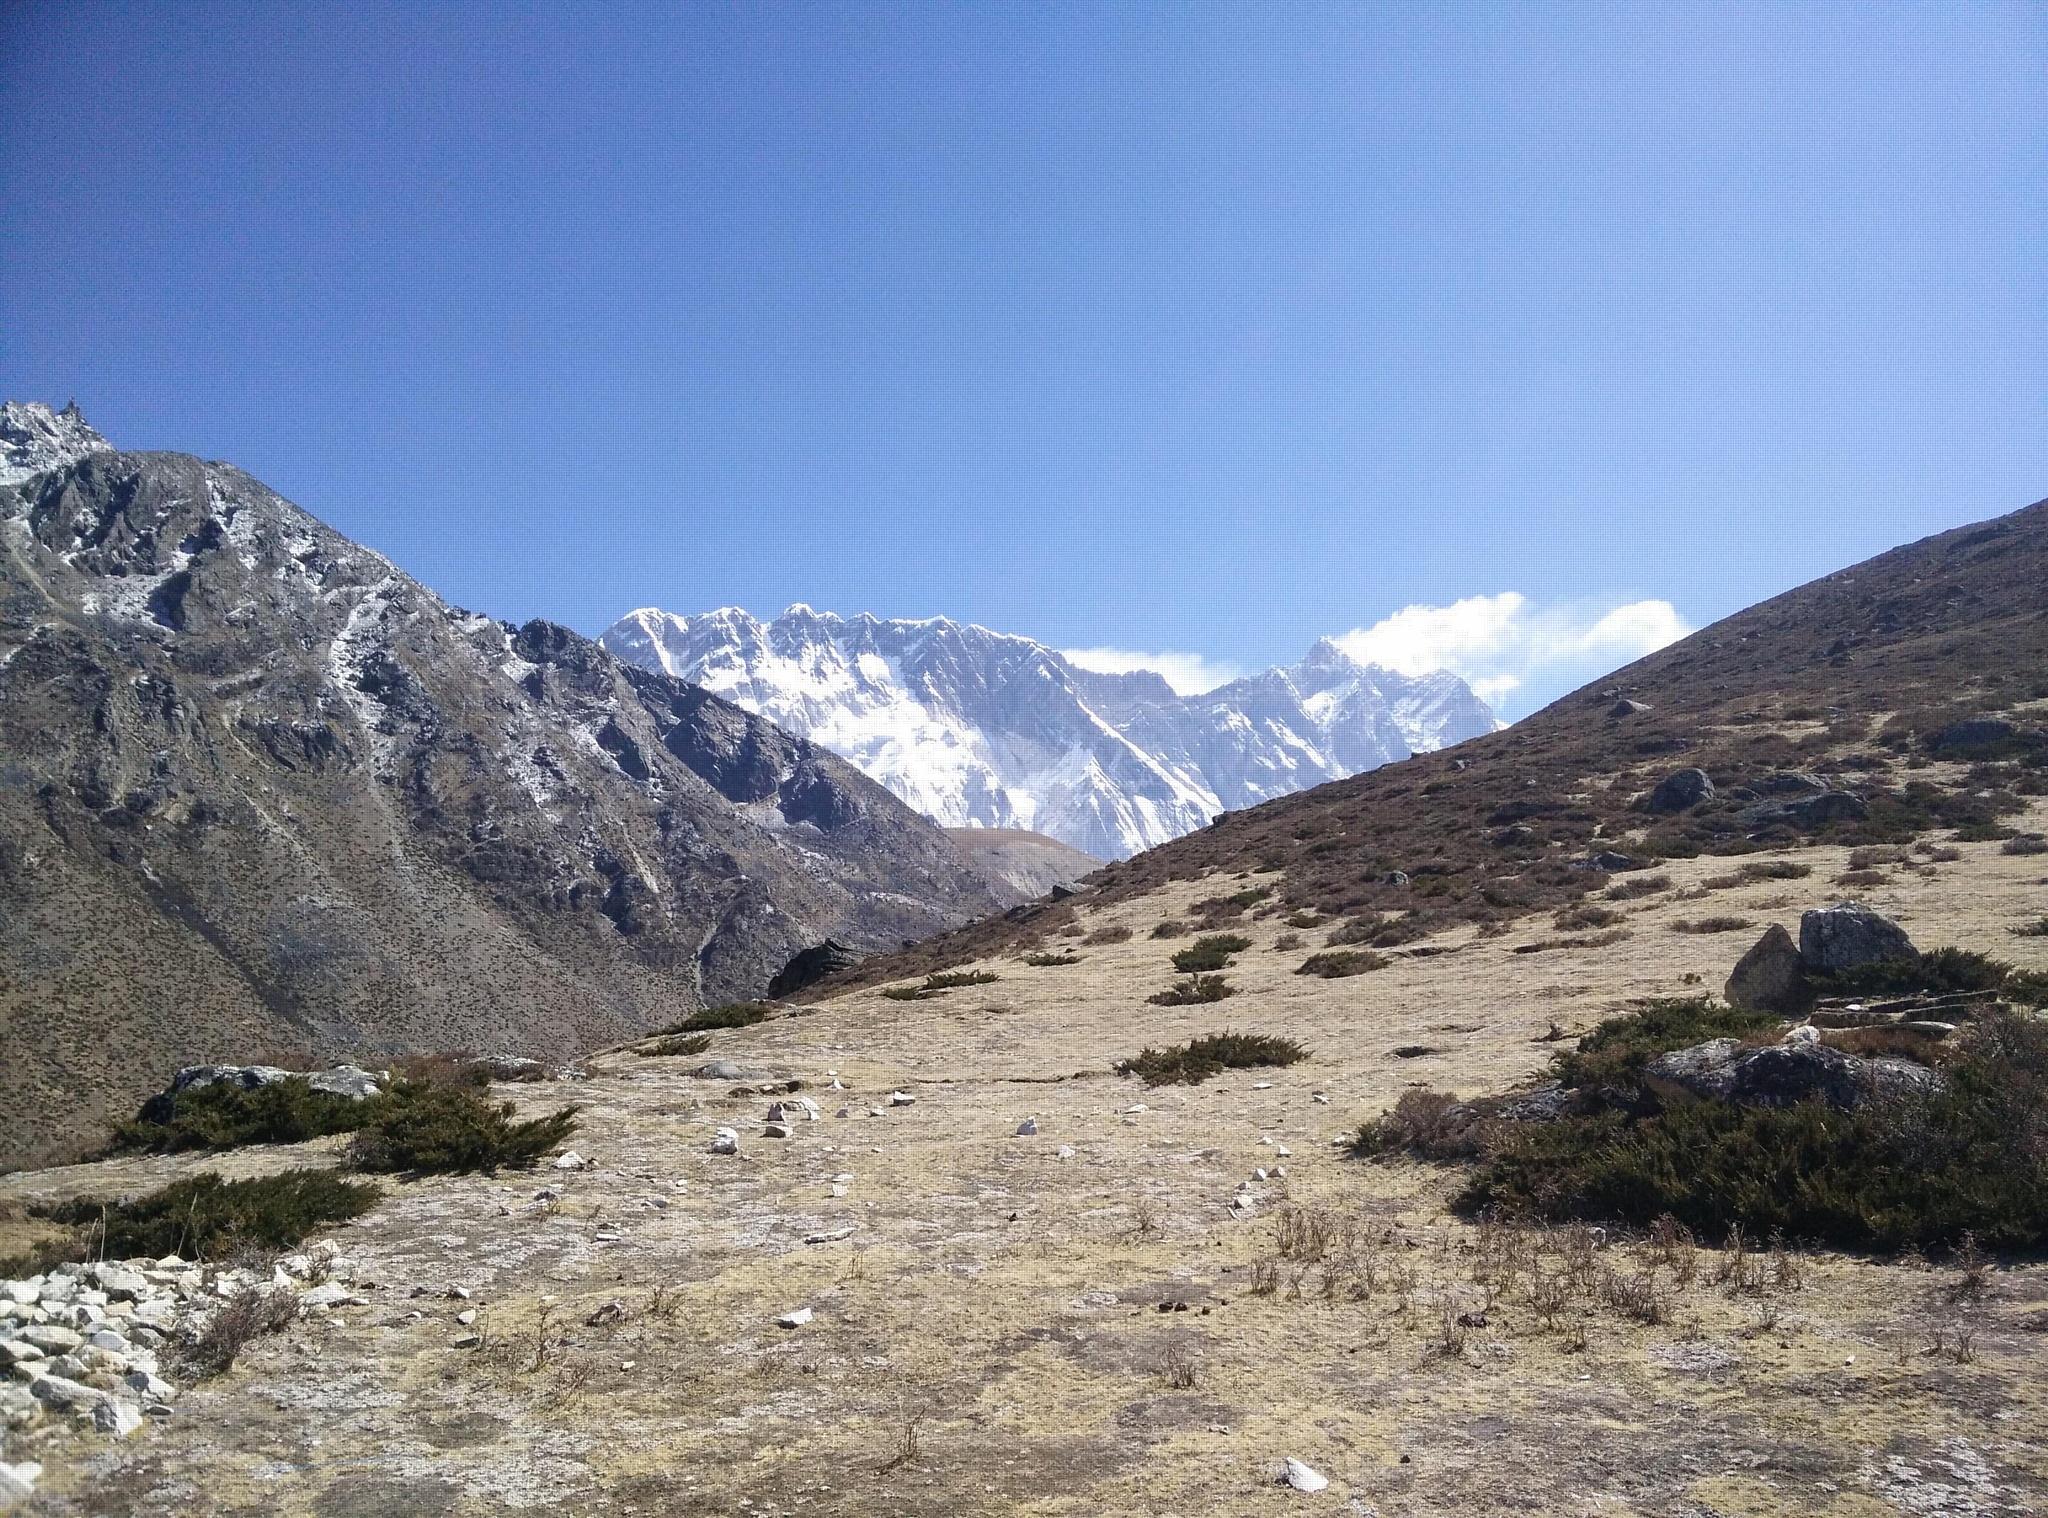 Вид на хребет Нупцзе-Лхоцзе снизу Ама-Даблам на высоте 4900 м с типичной субнивальной растительностью. Предоставлено: Карен Андерсон.